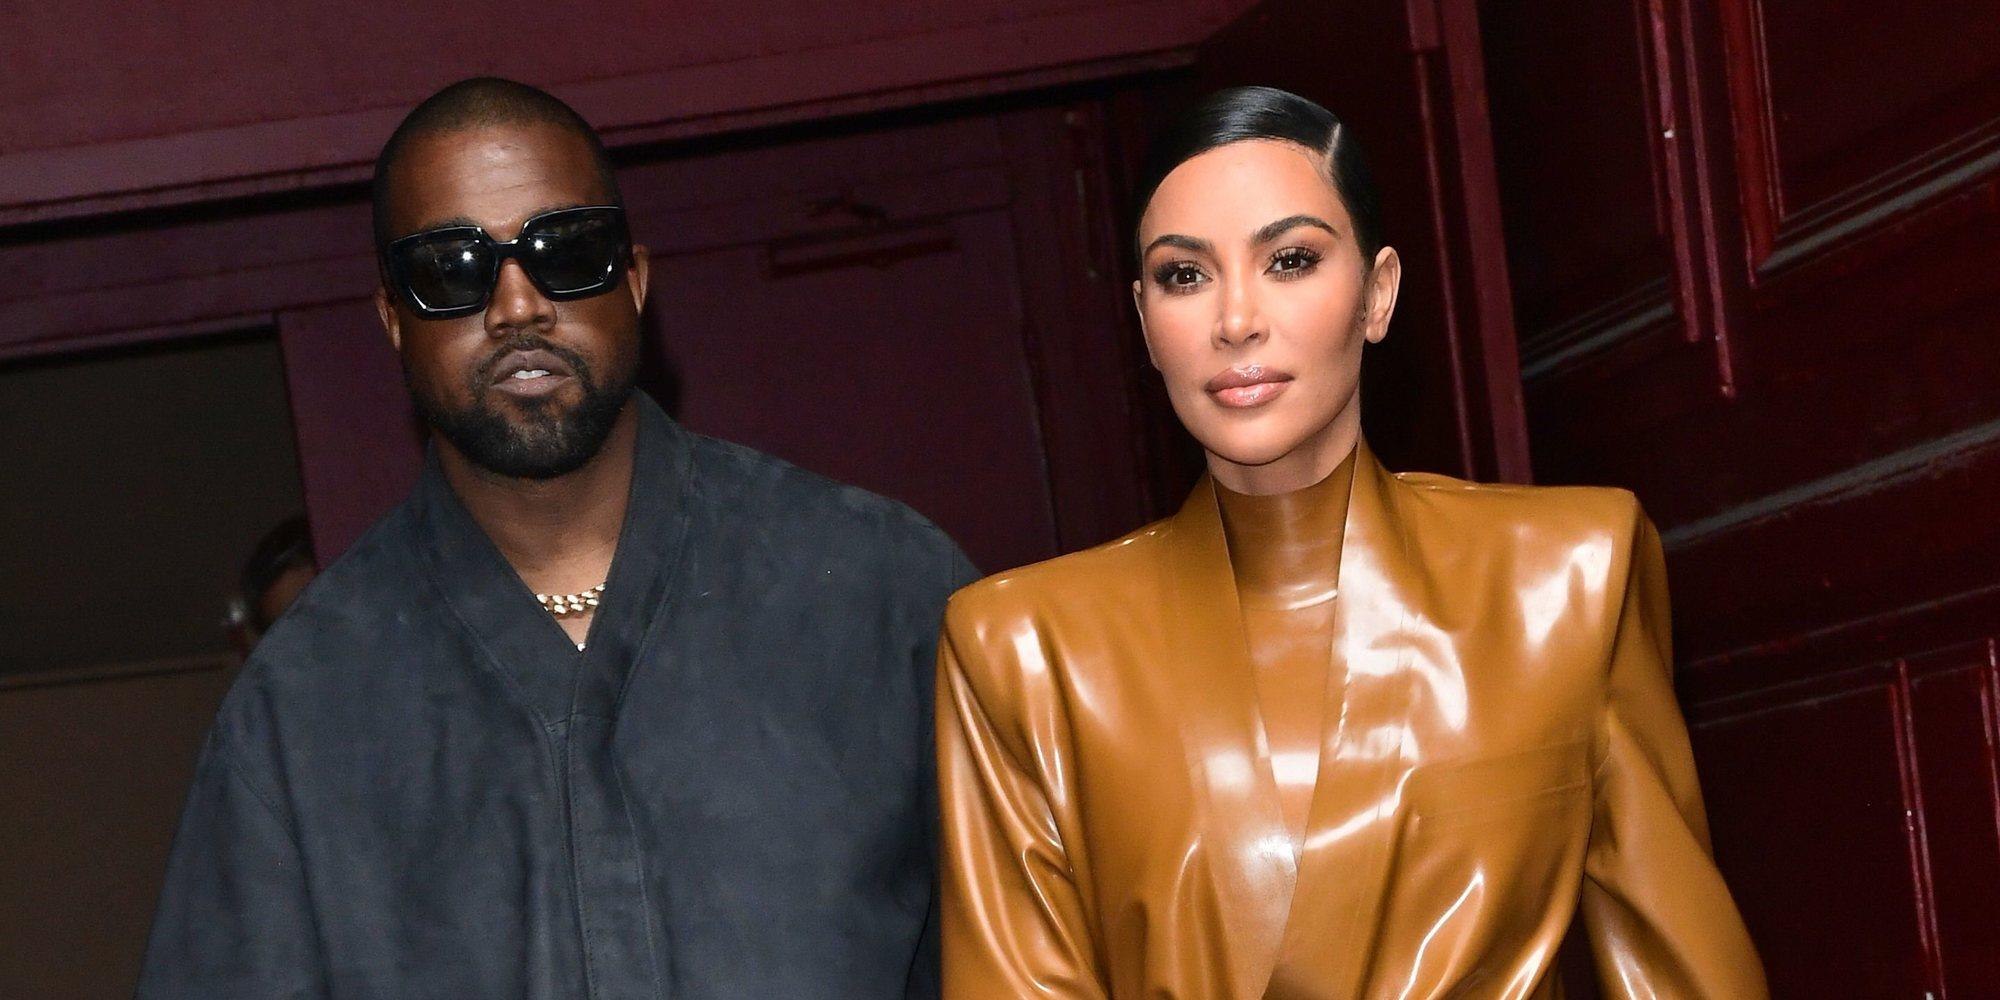 Kanye West estrenará su propio documental en pleno proceso de divorcio con Kim Kardashian